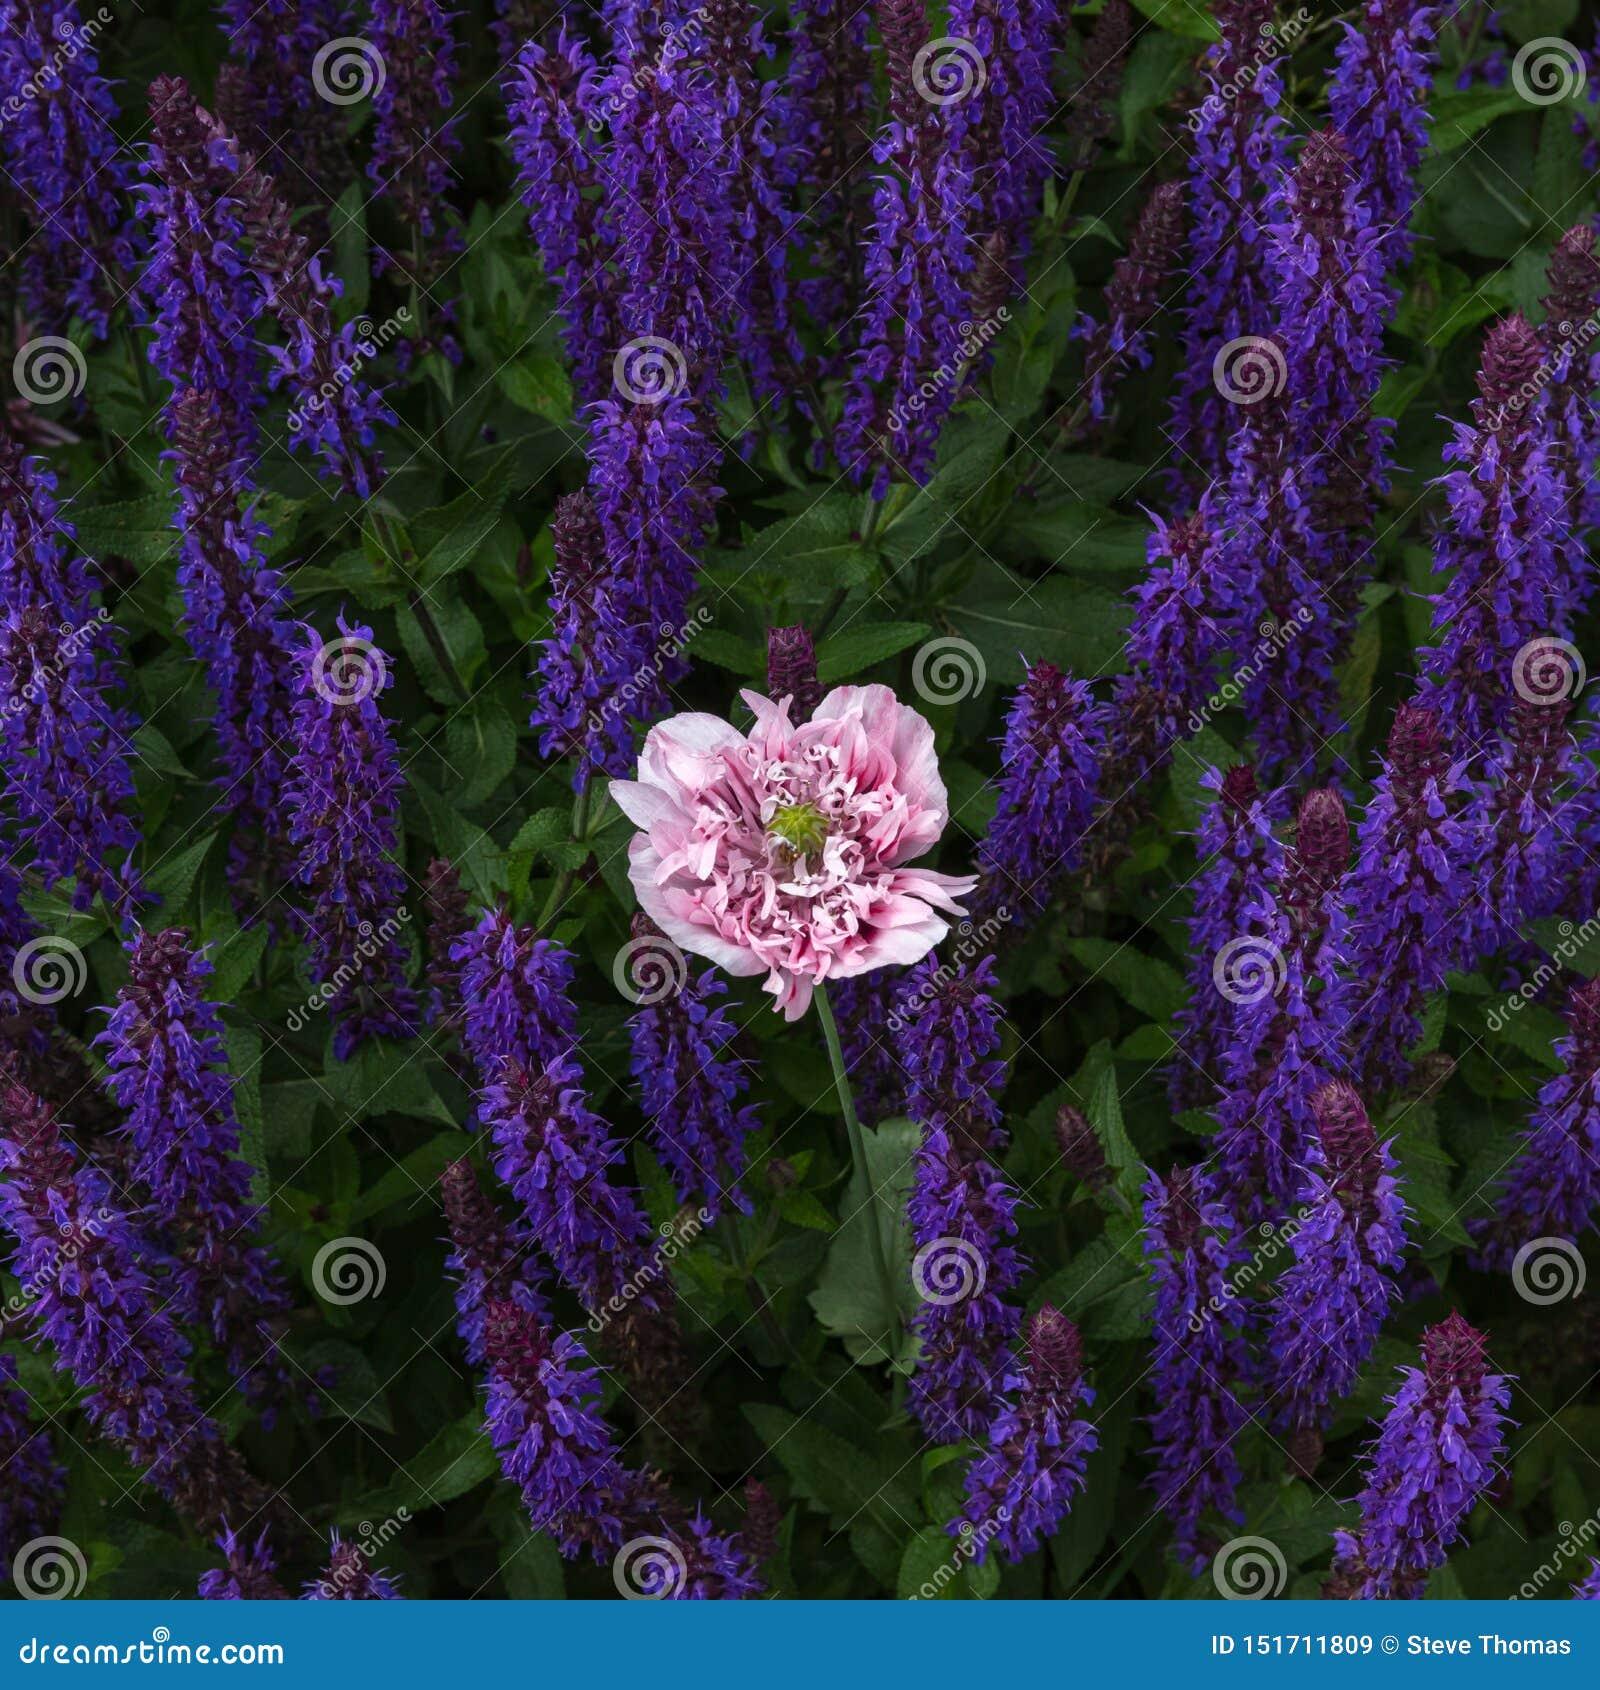 Gevoelige roze papaver onder de violette stammen van de salviabloem